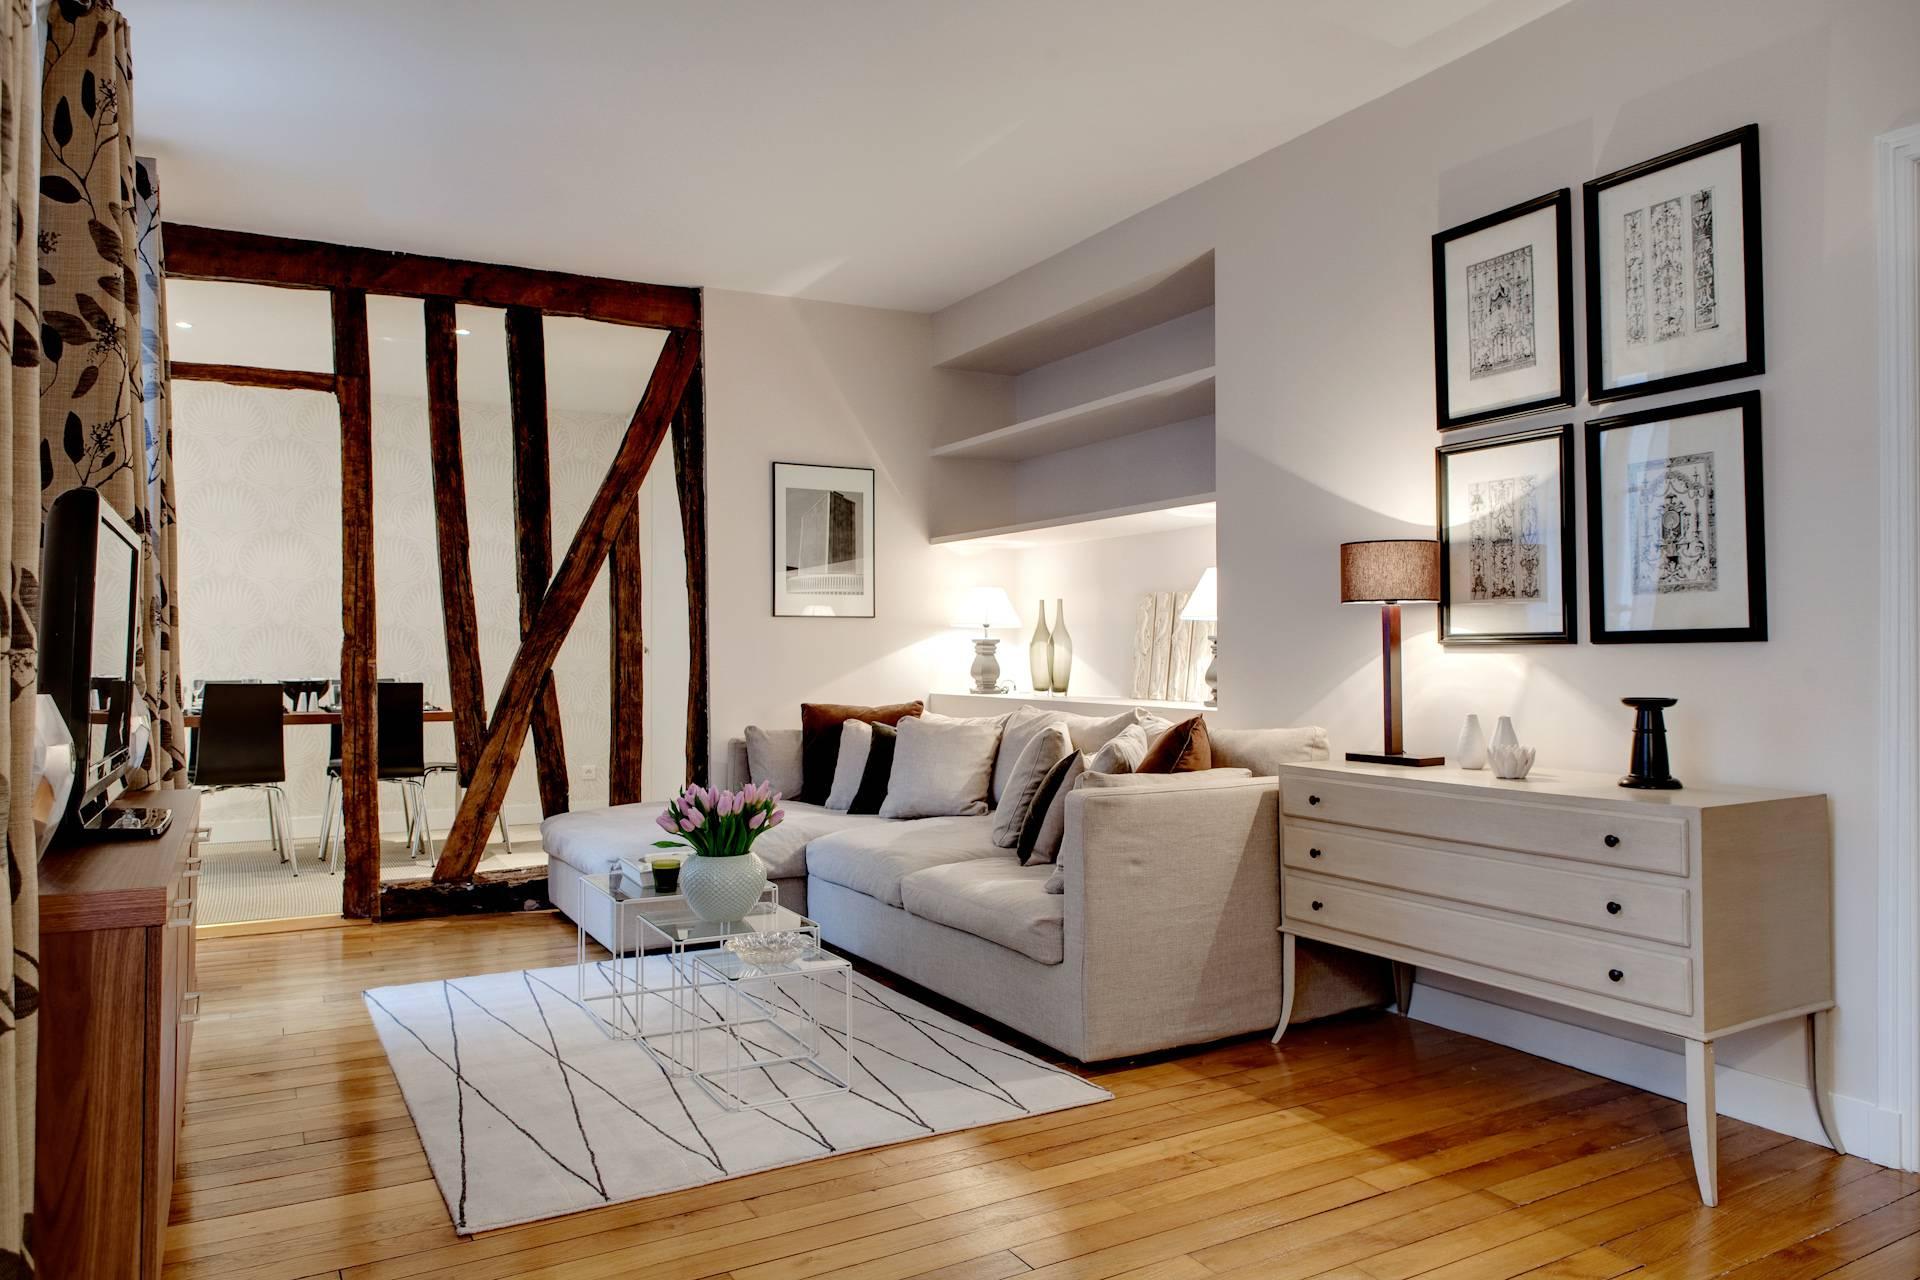 Appartement paris location courte dur e location avec - Paris location meublee courte duree ...